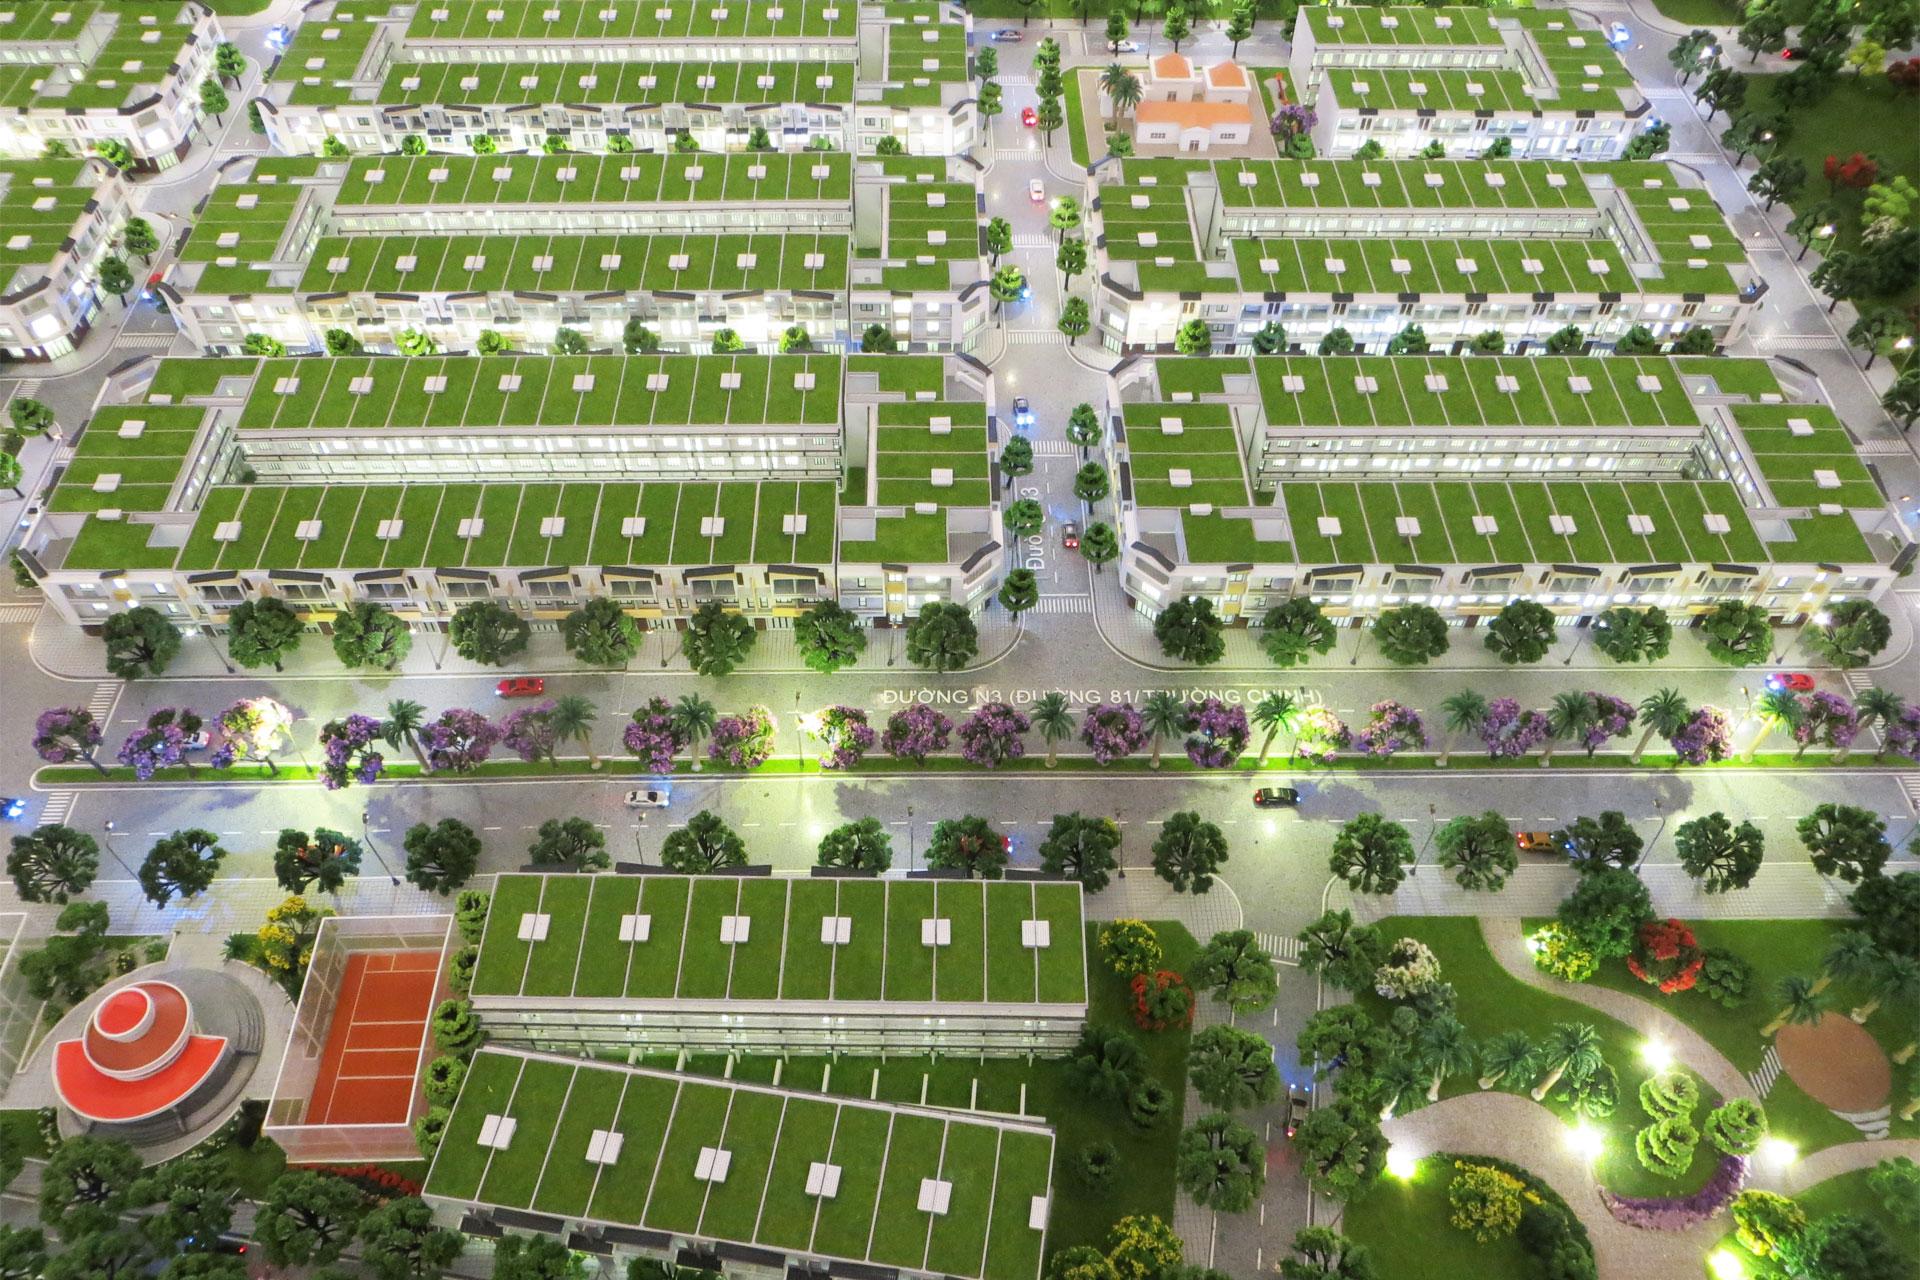 Bán đất nền dự án khu nhà ở kiểu mẫu Ecotown Phú Mỹ